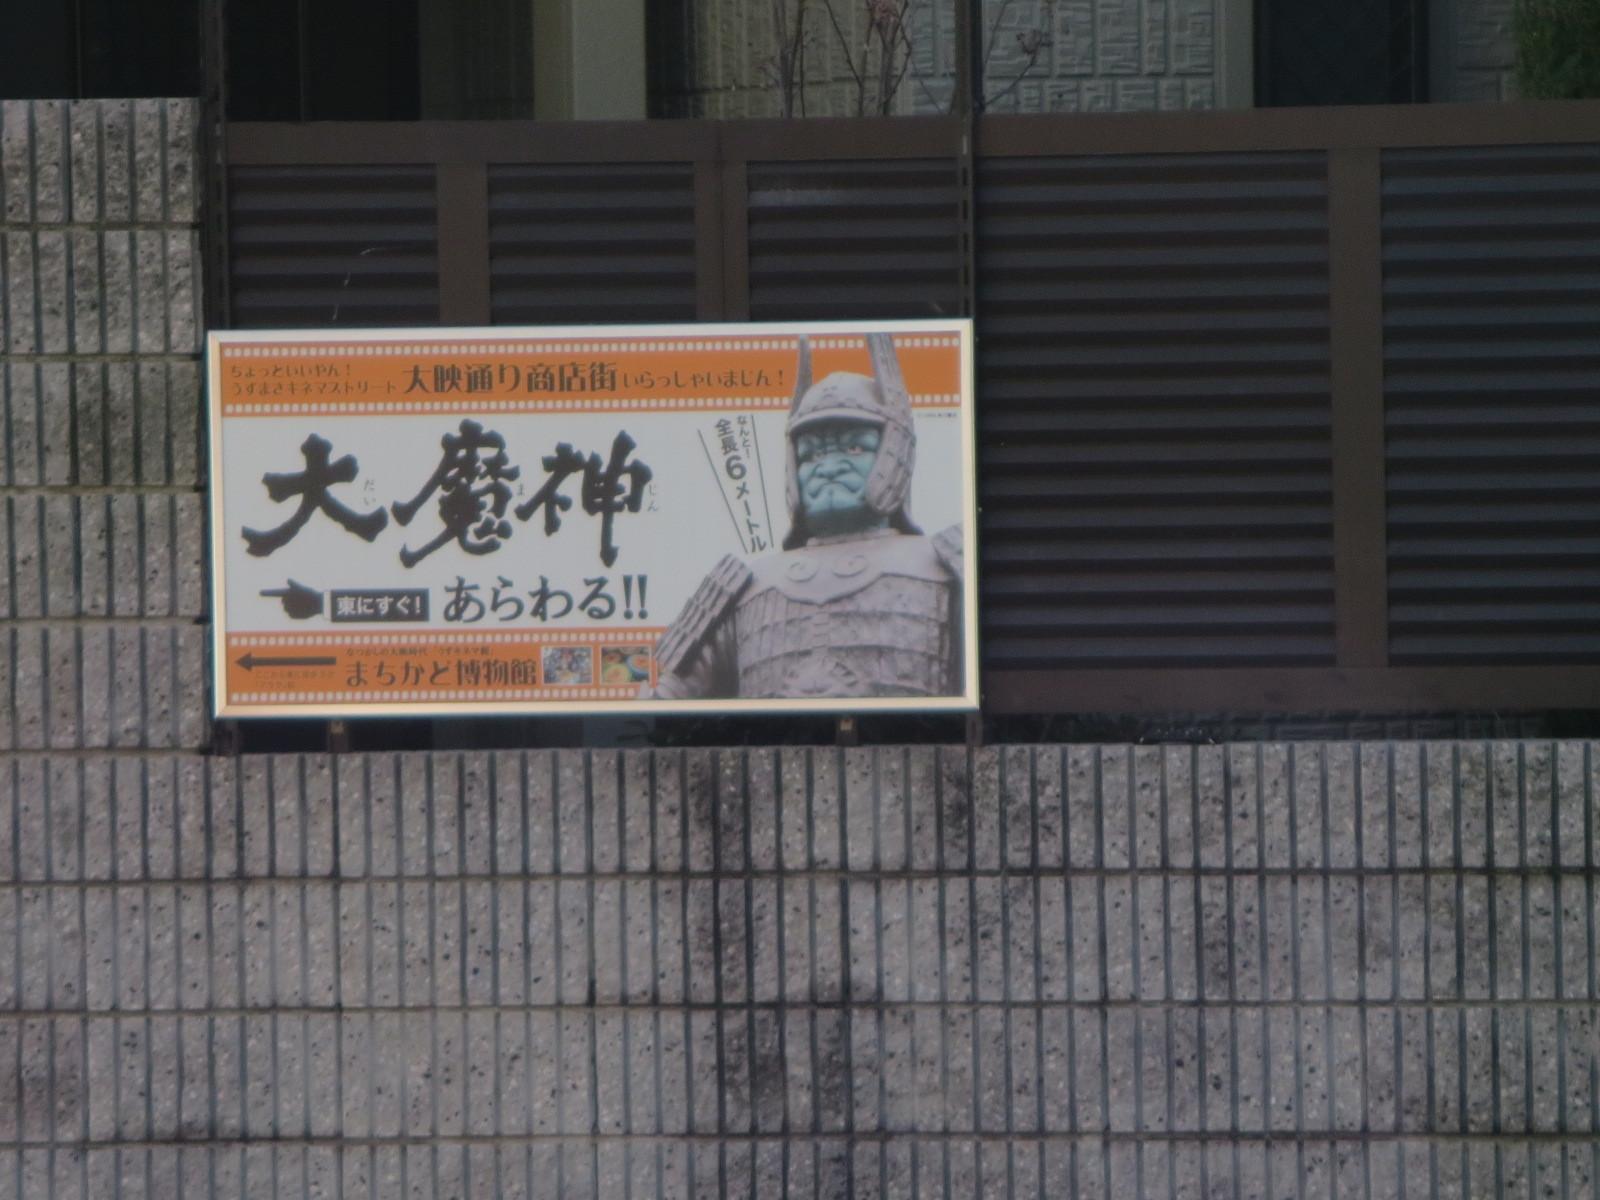 「京都難読地名!」と言いたいがそれほどでもなく、みんな知ってるような気もしないでもない辻_c0001670_14243435.jpg